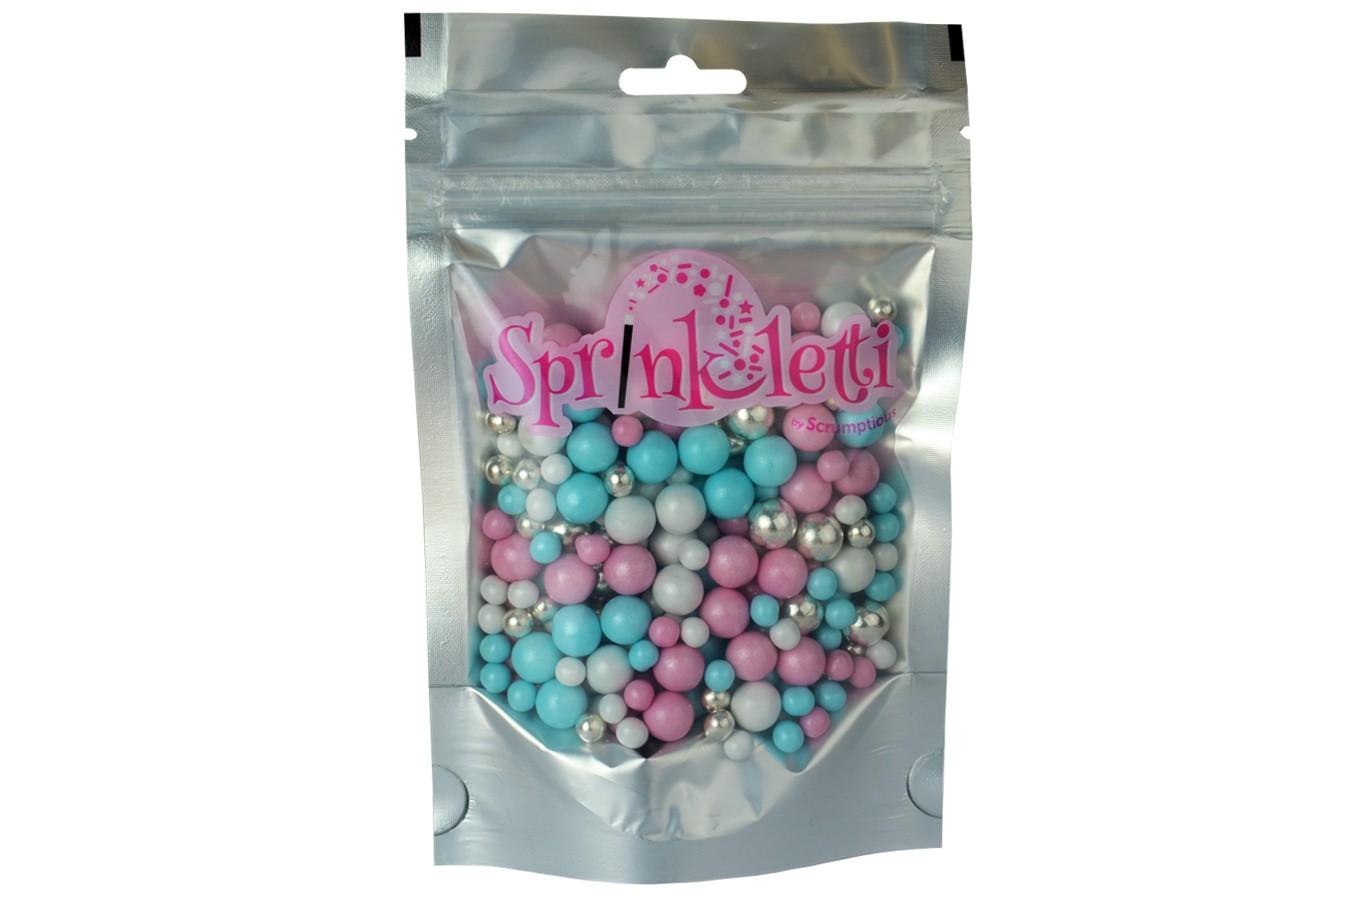 Perles 100 g - Choisir la couleur